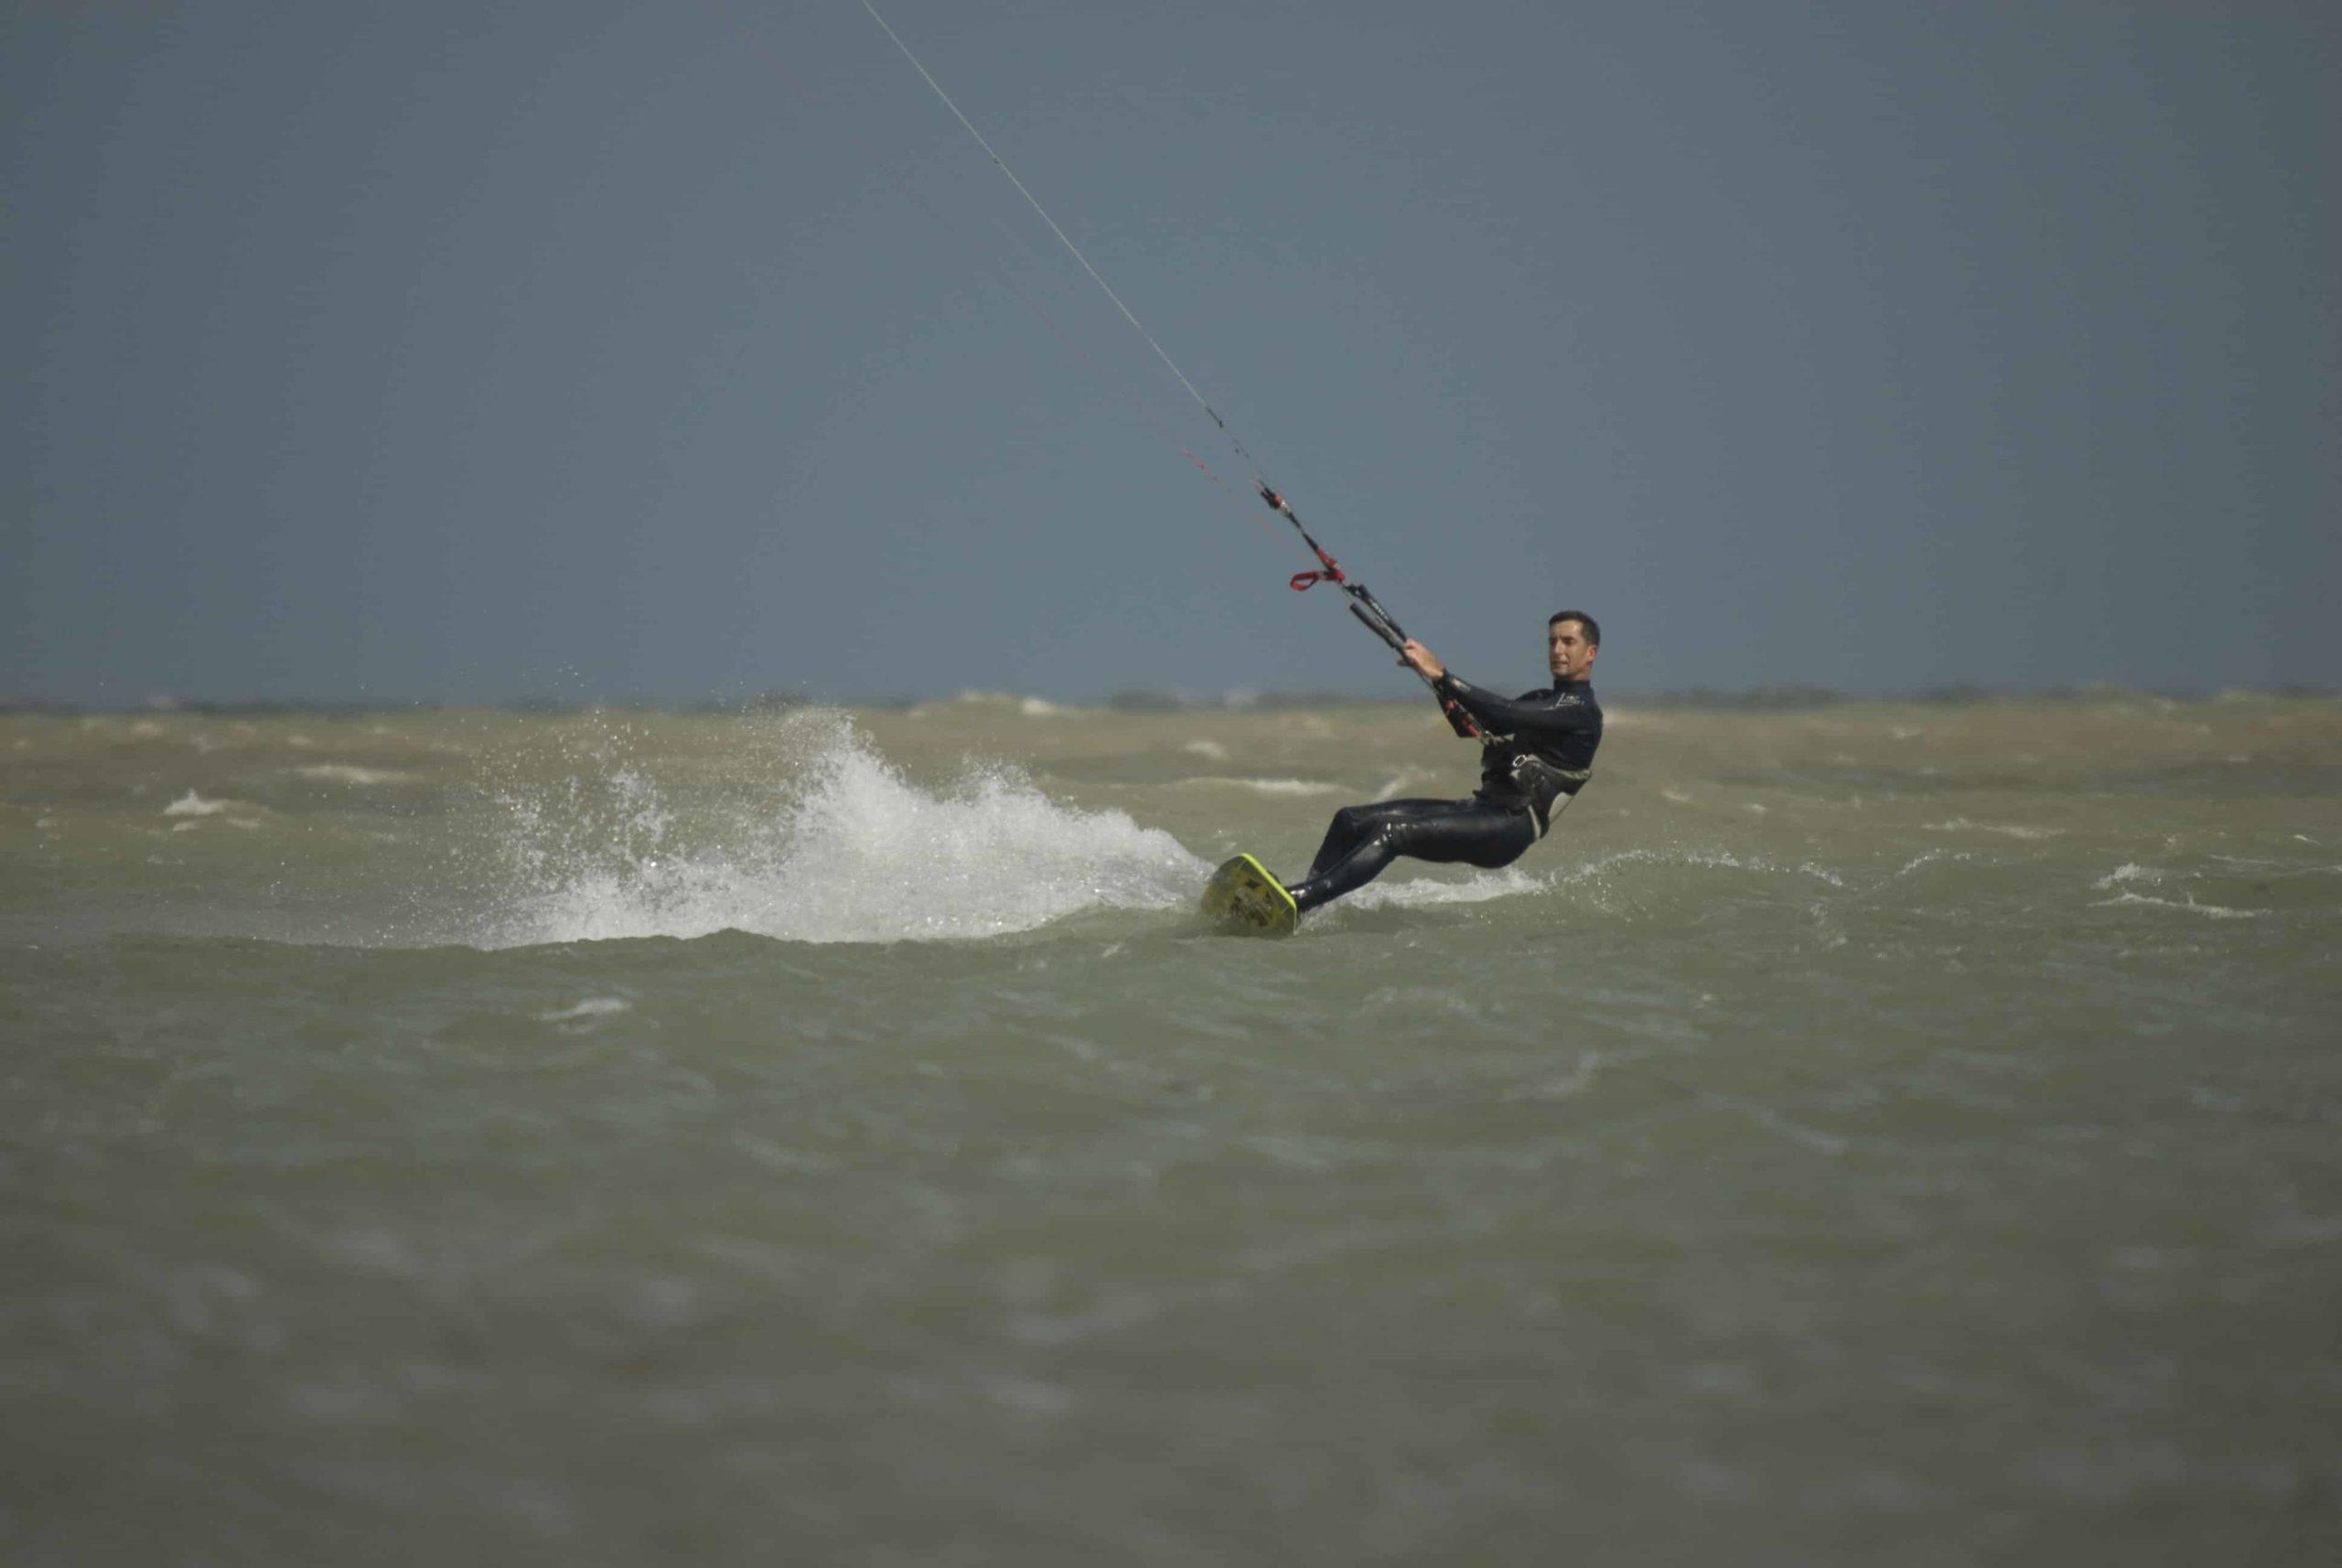 Littlehampton Kitesurfing